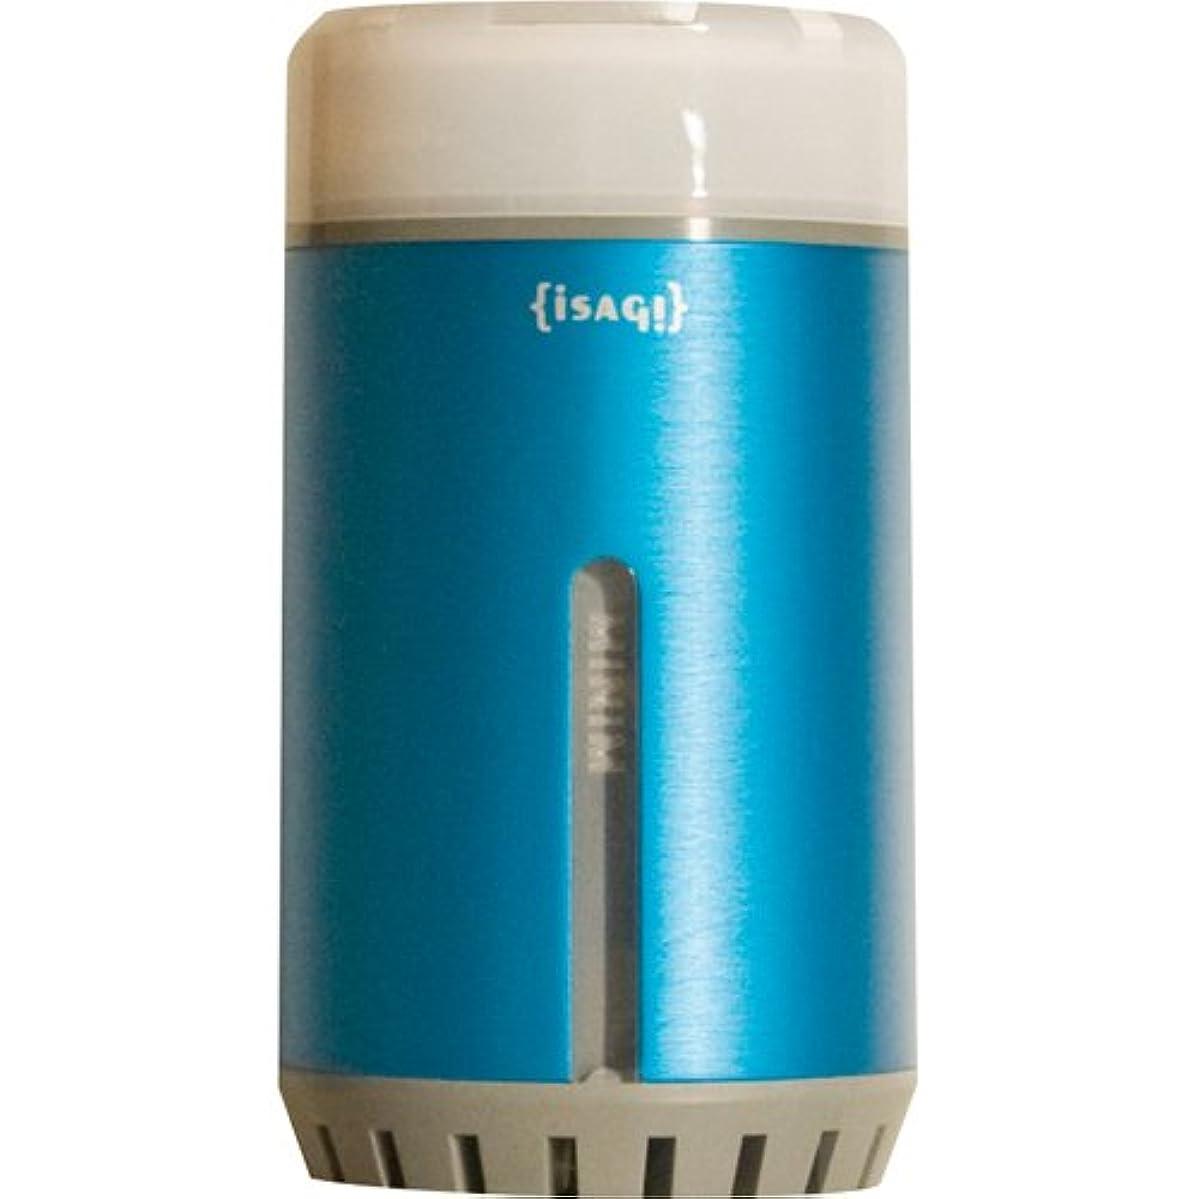 オーガニック皿時代ISAGI 超音波式アロマディフューザー MINIM ブルー